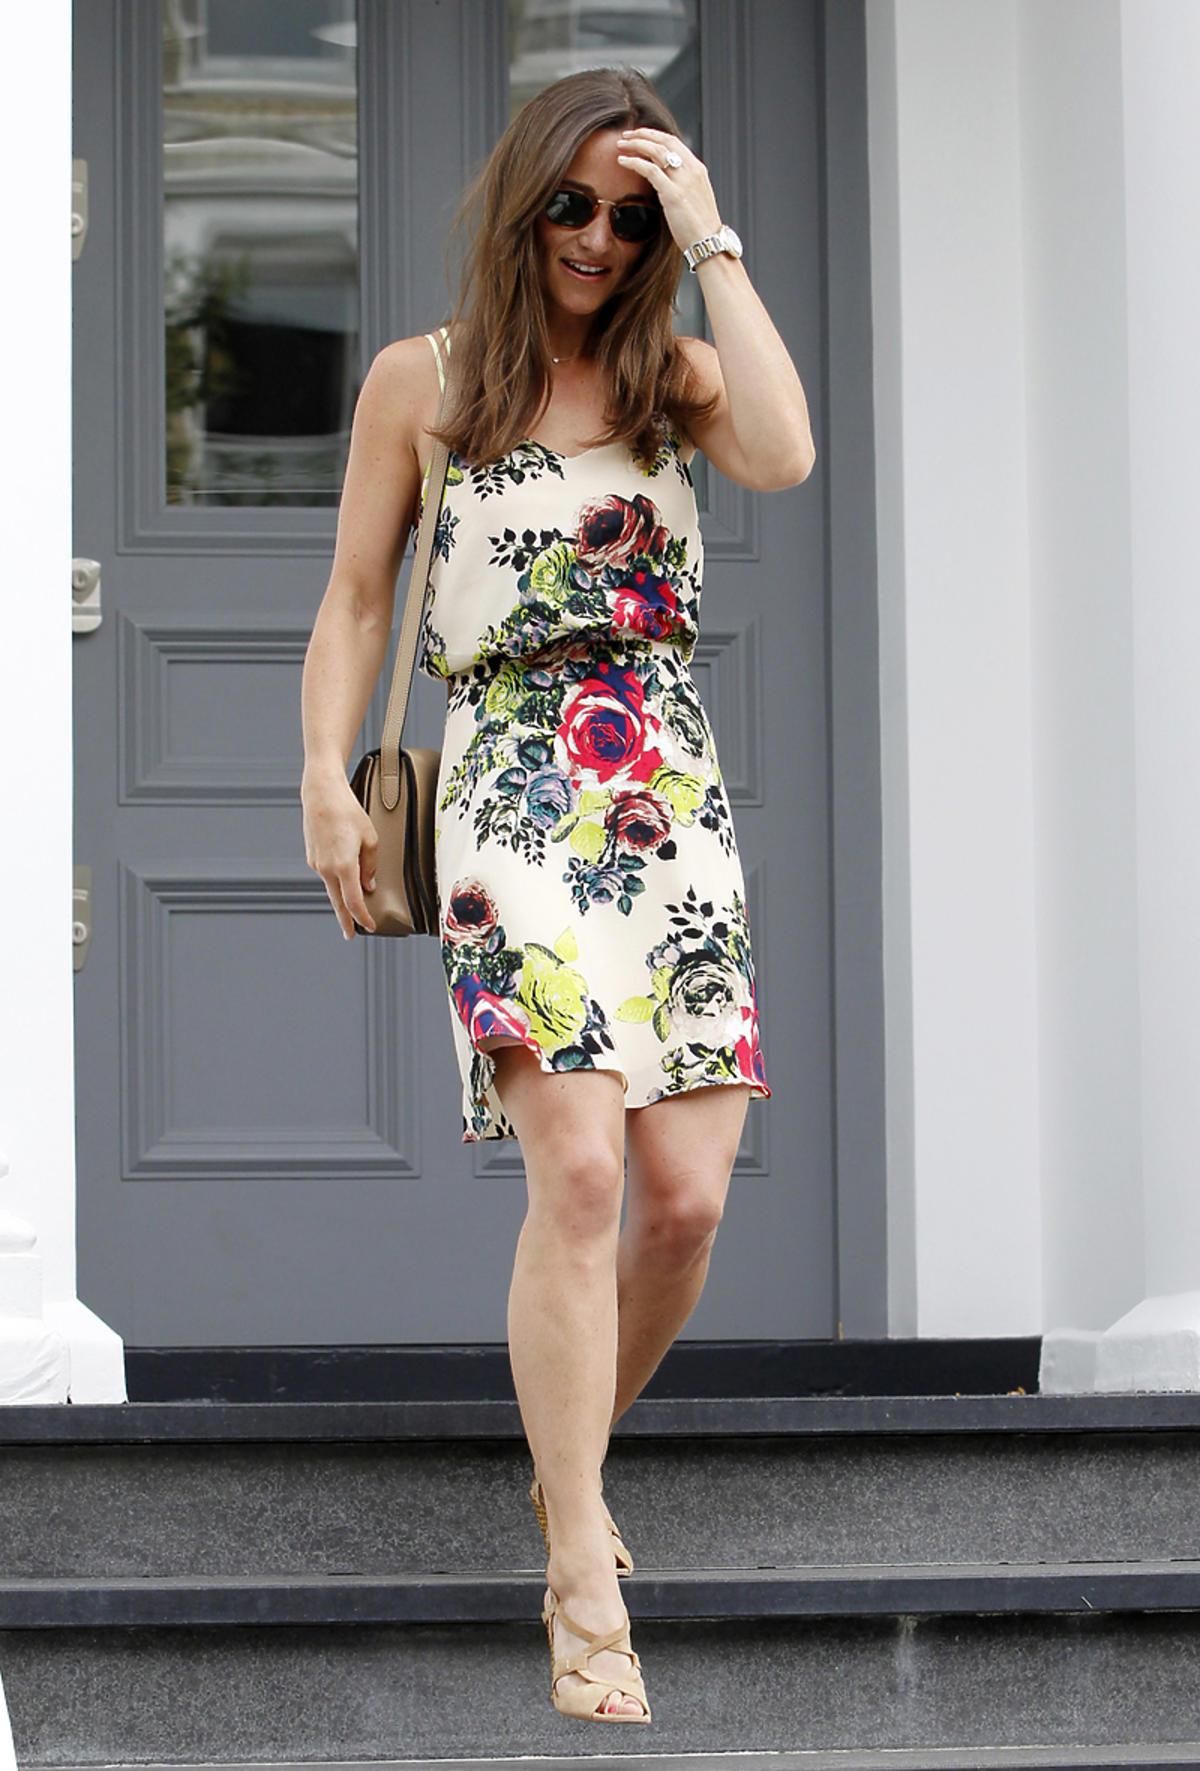 Pippa Middleton w białej sukience z kolorowymi kwiatami schodzi po schodach